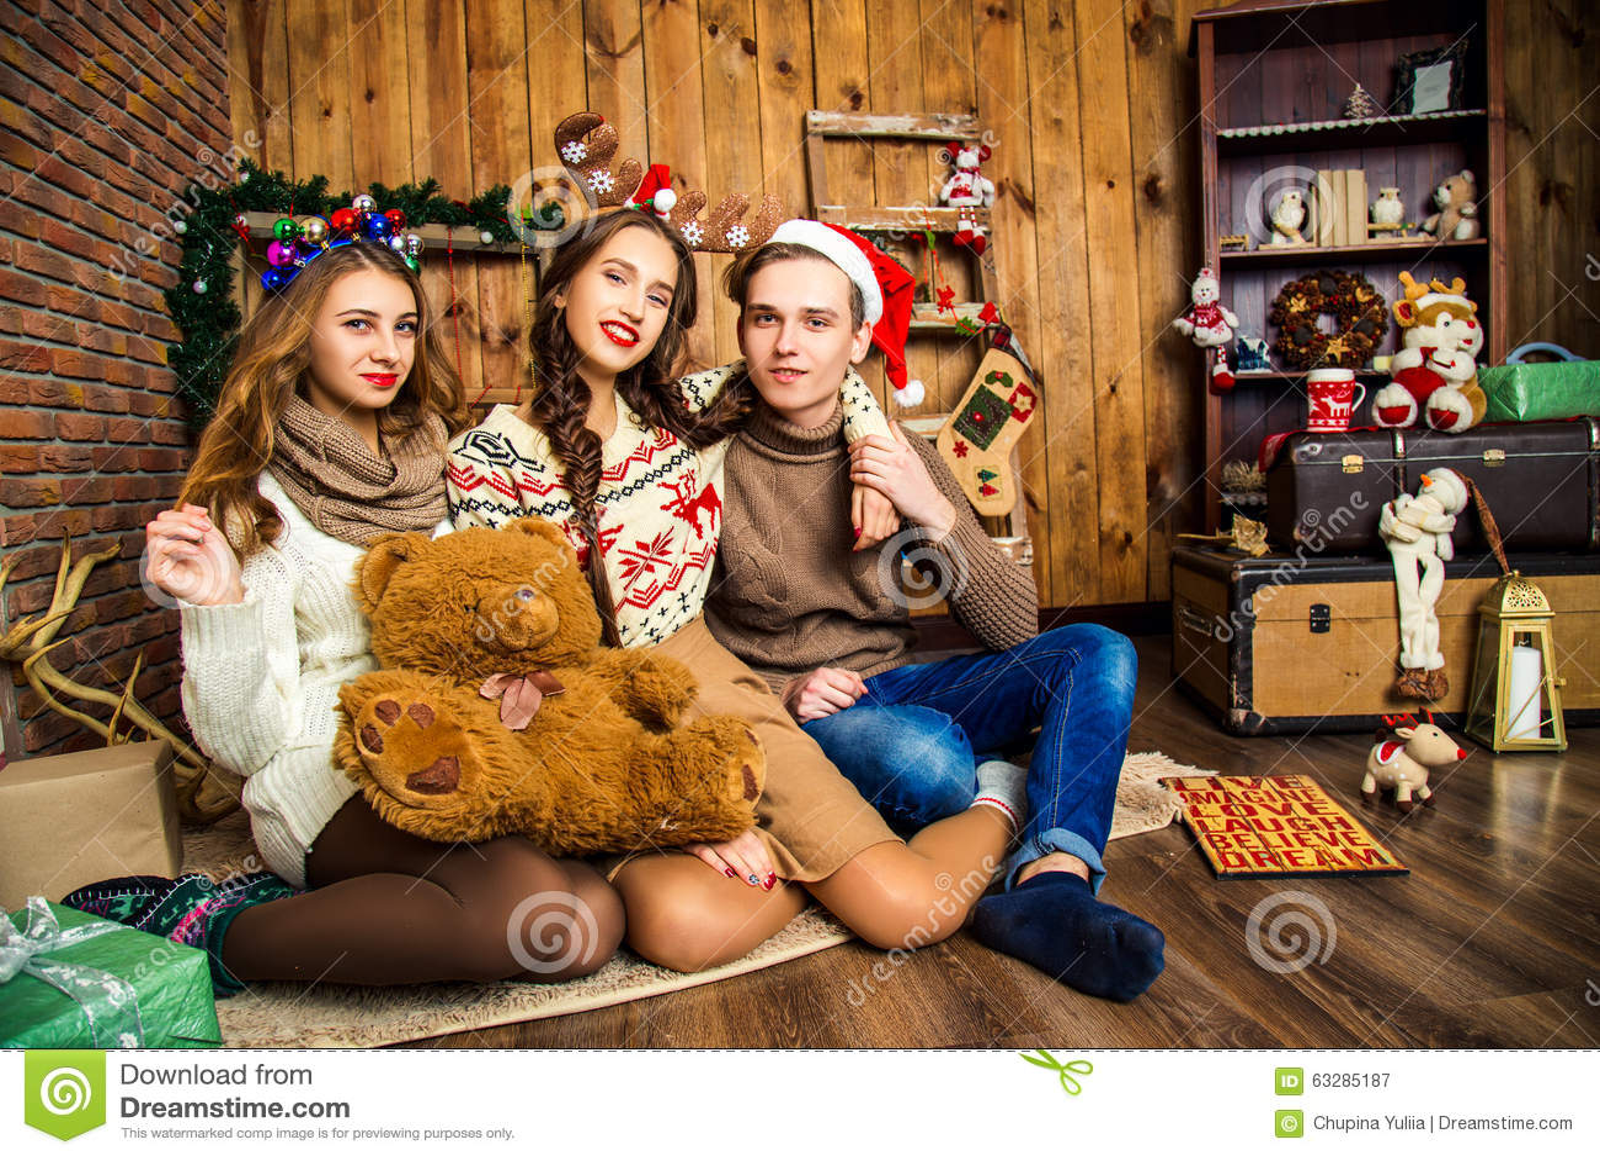 Парень с 2 девушками в комнате с украшениями рождества